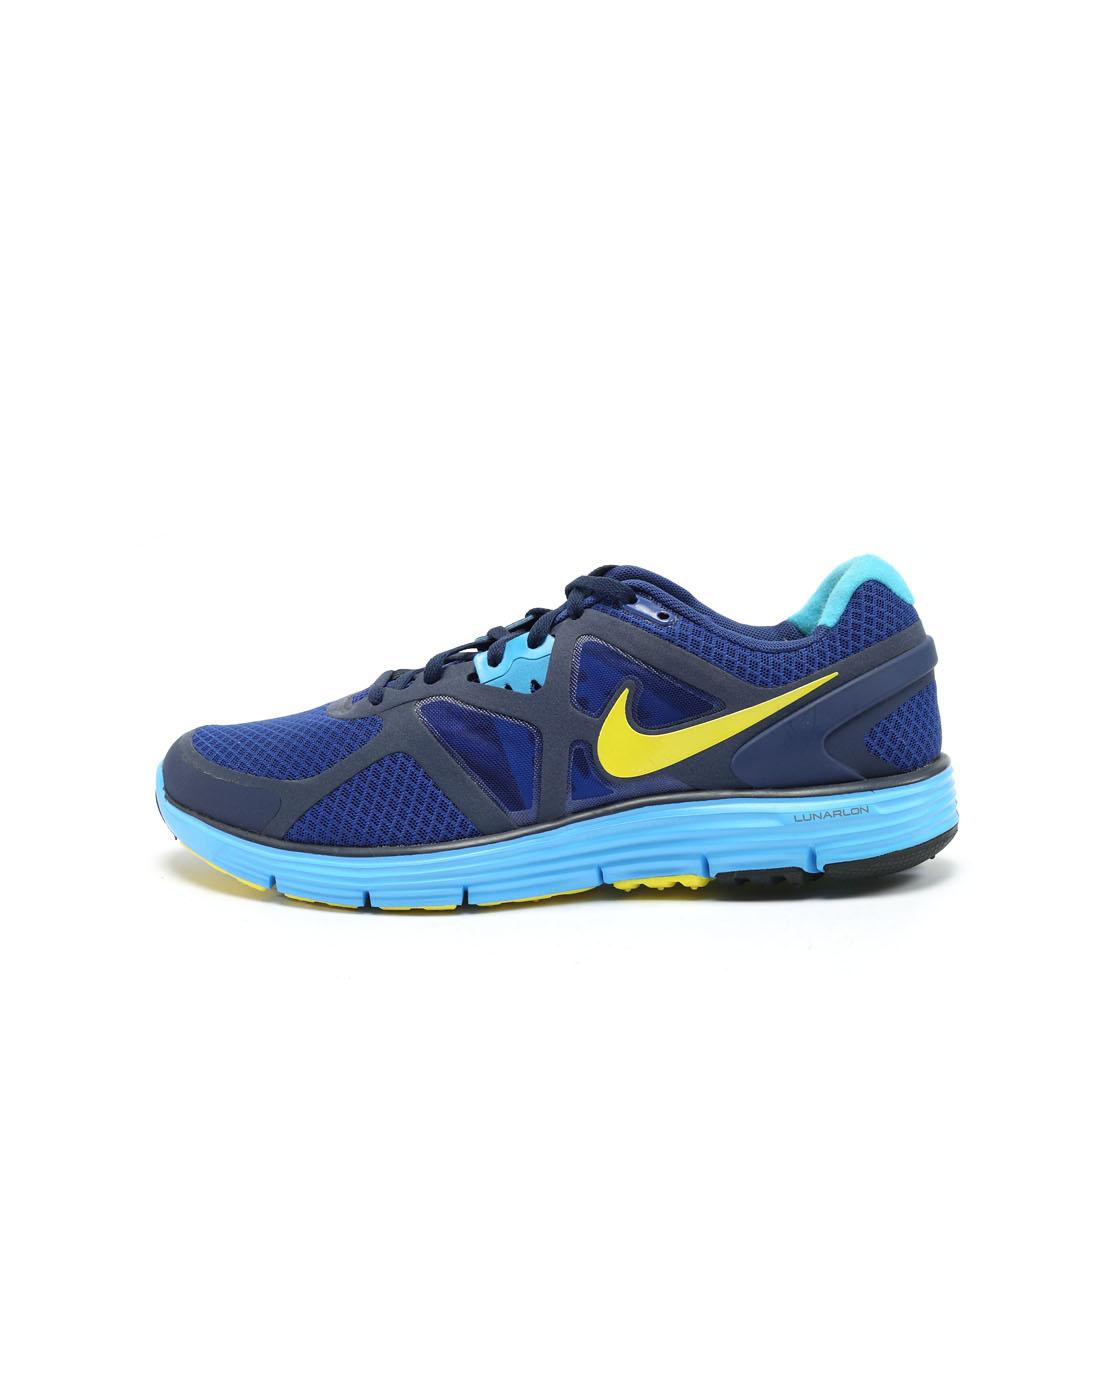 耐克nike男子蓝色跑步鞋454164-407